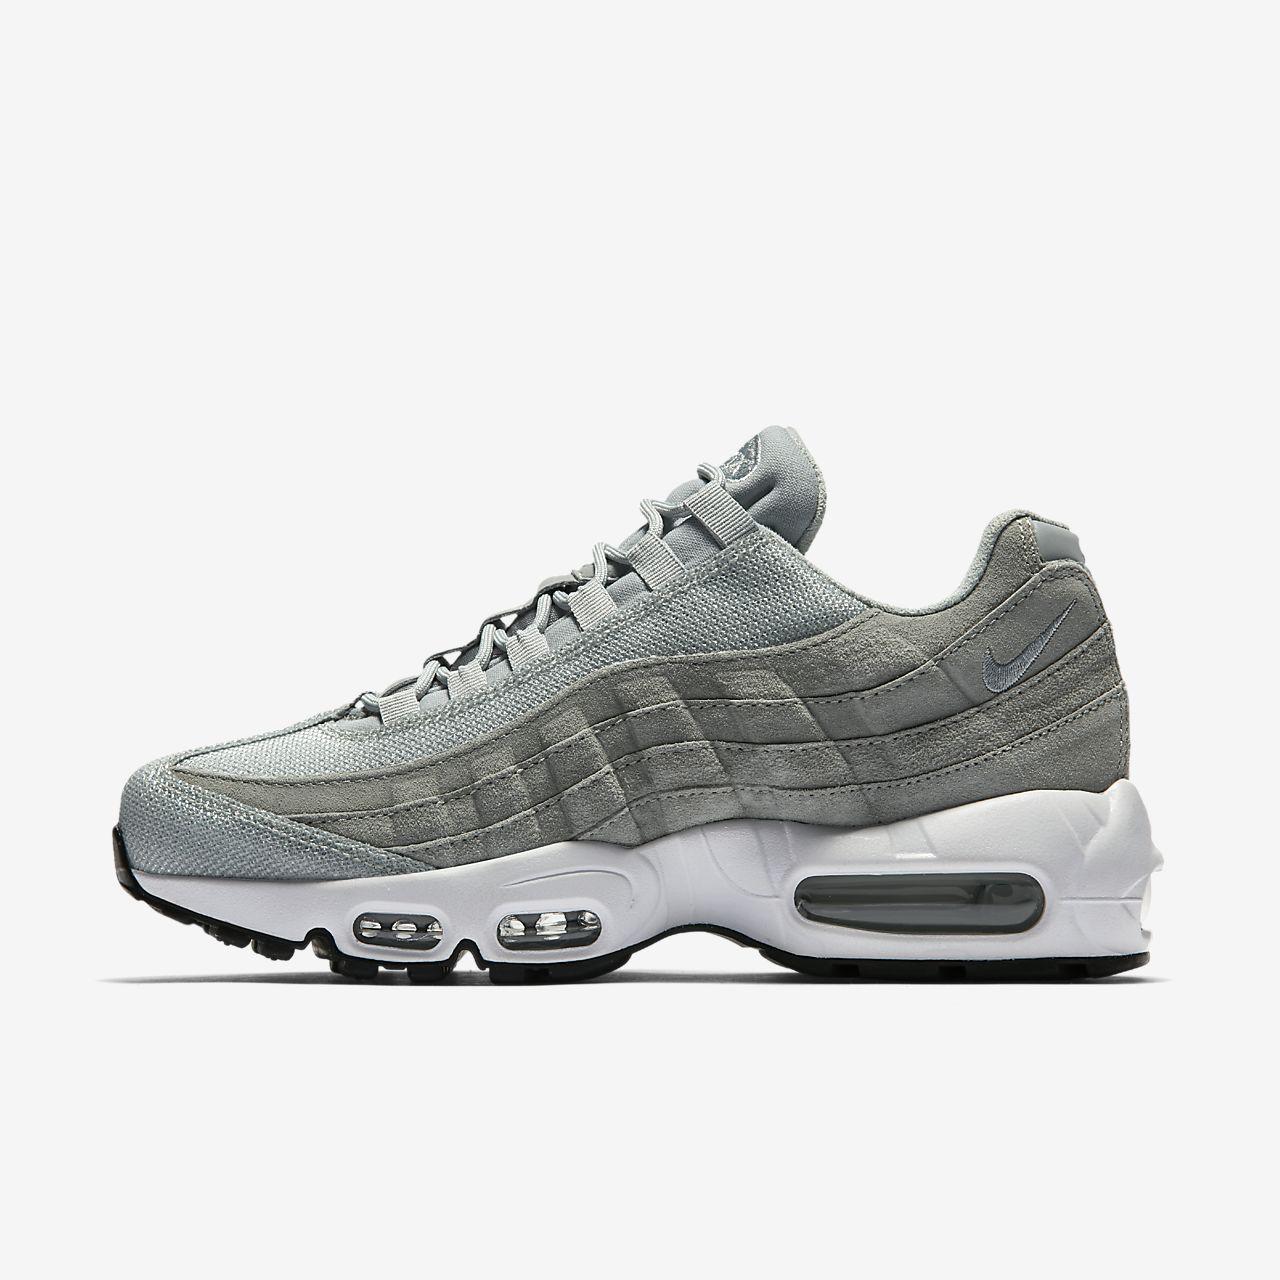 ... Chaussure Nike Air Max 95 Premium pour Femme